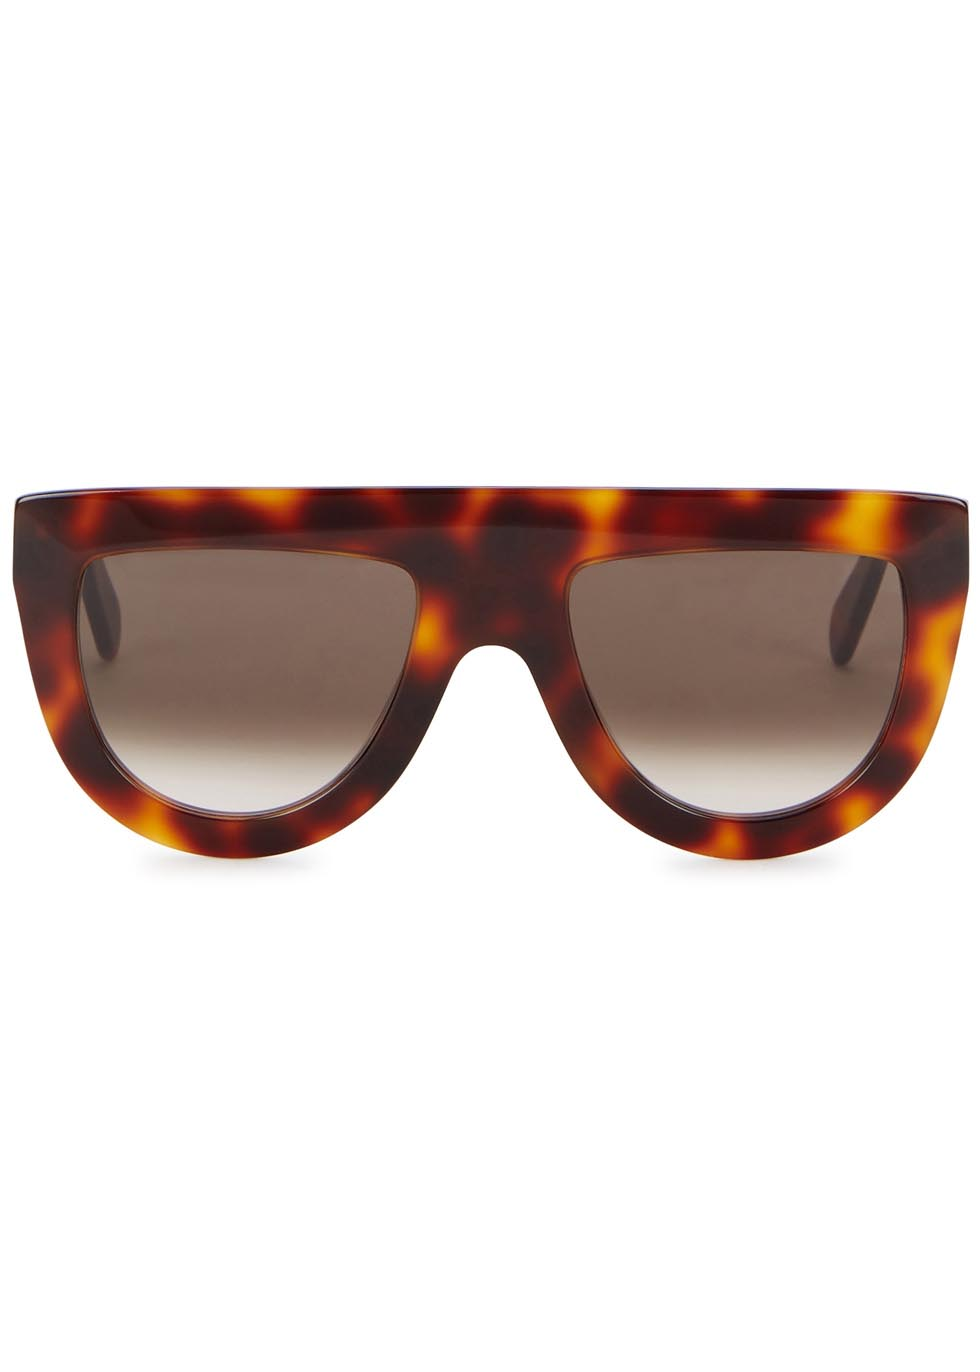 Andrea tortoiseshell D-frame sunglasses - Celine